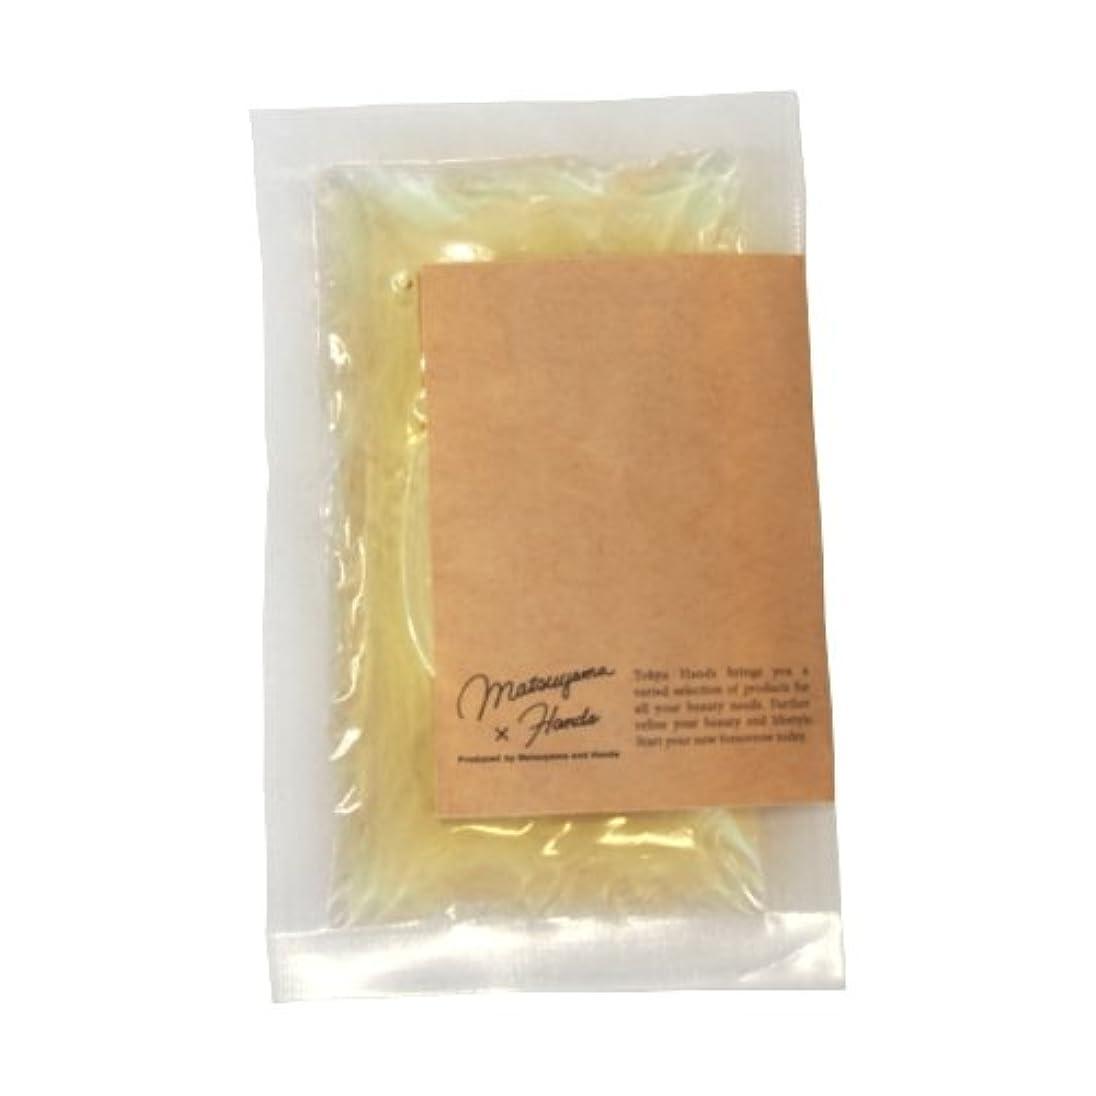 フェザー邪悪なヒット松山油脂×東急ハンズ モイスチャーバスエッセンス カモミール 20mL